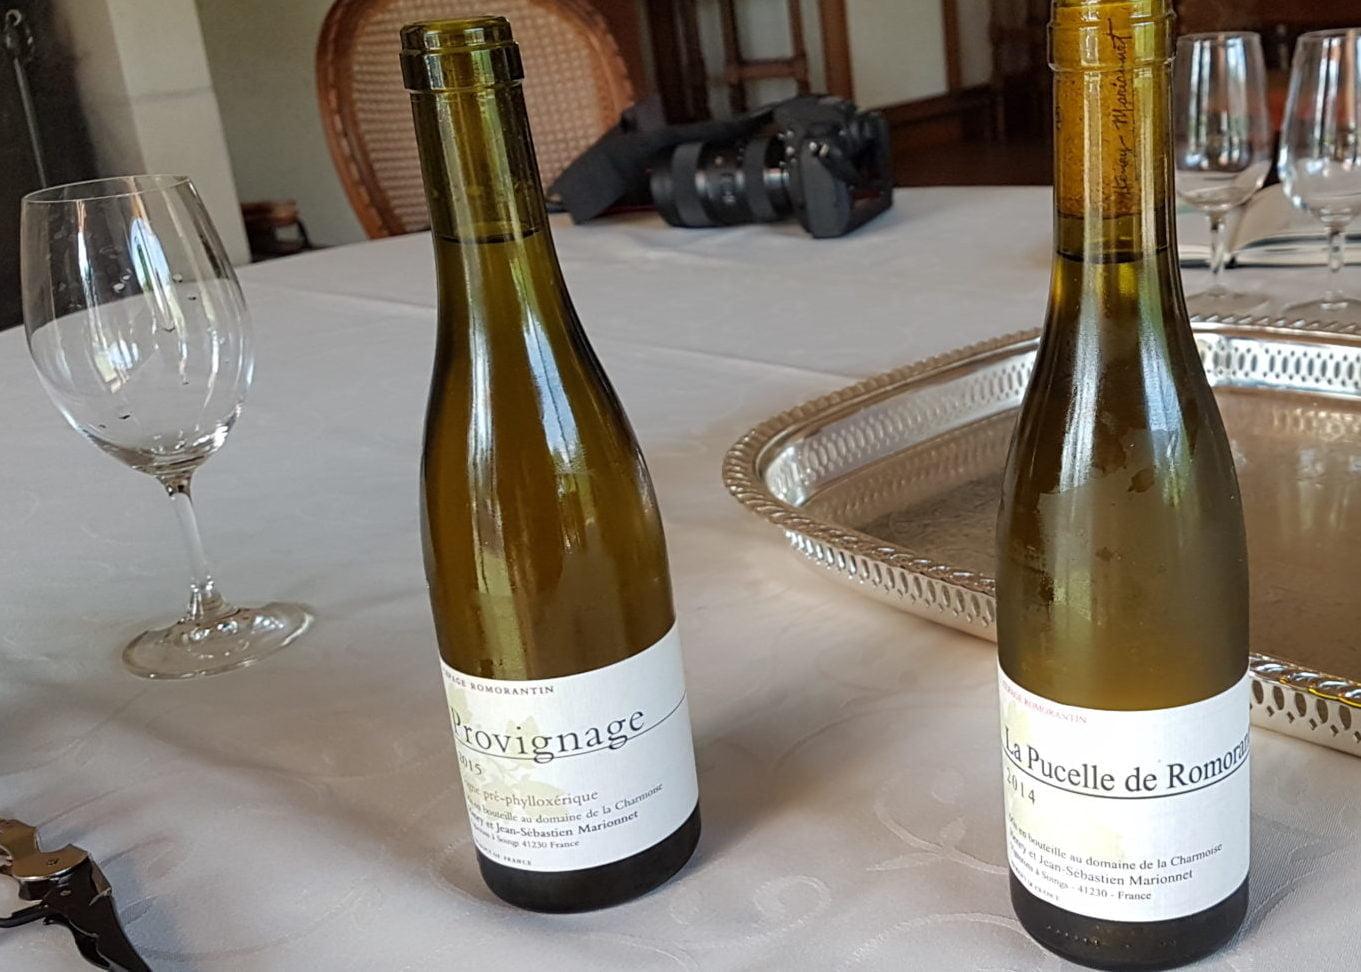 Le Provignage et La pucelle de Romorantin, des vins rarissimes